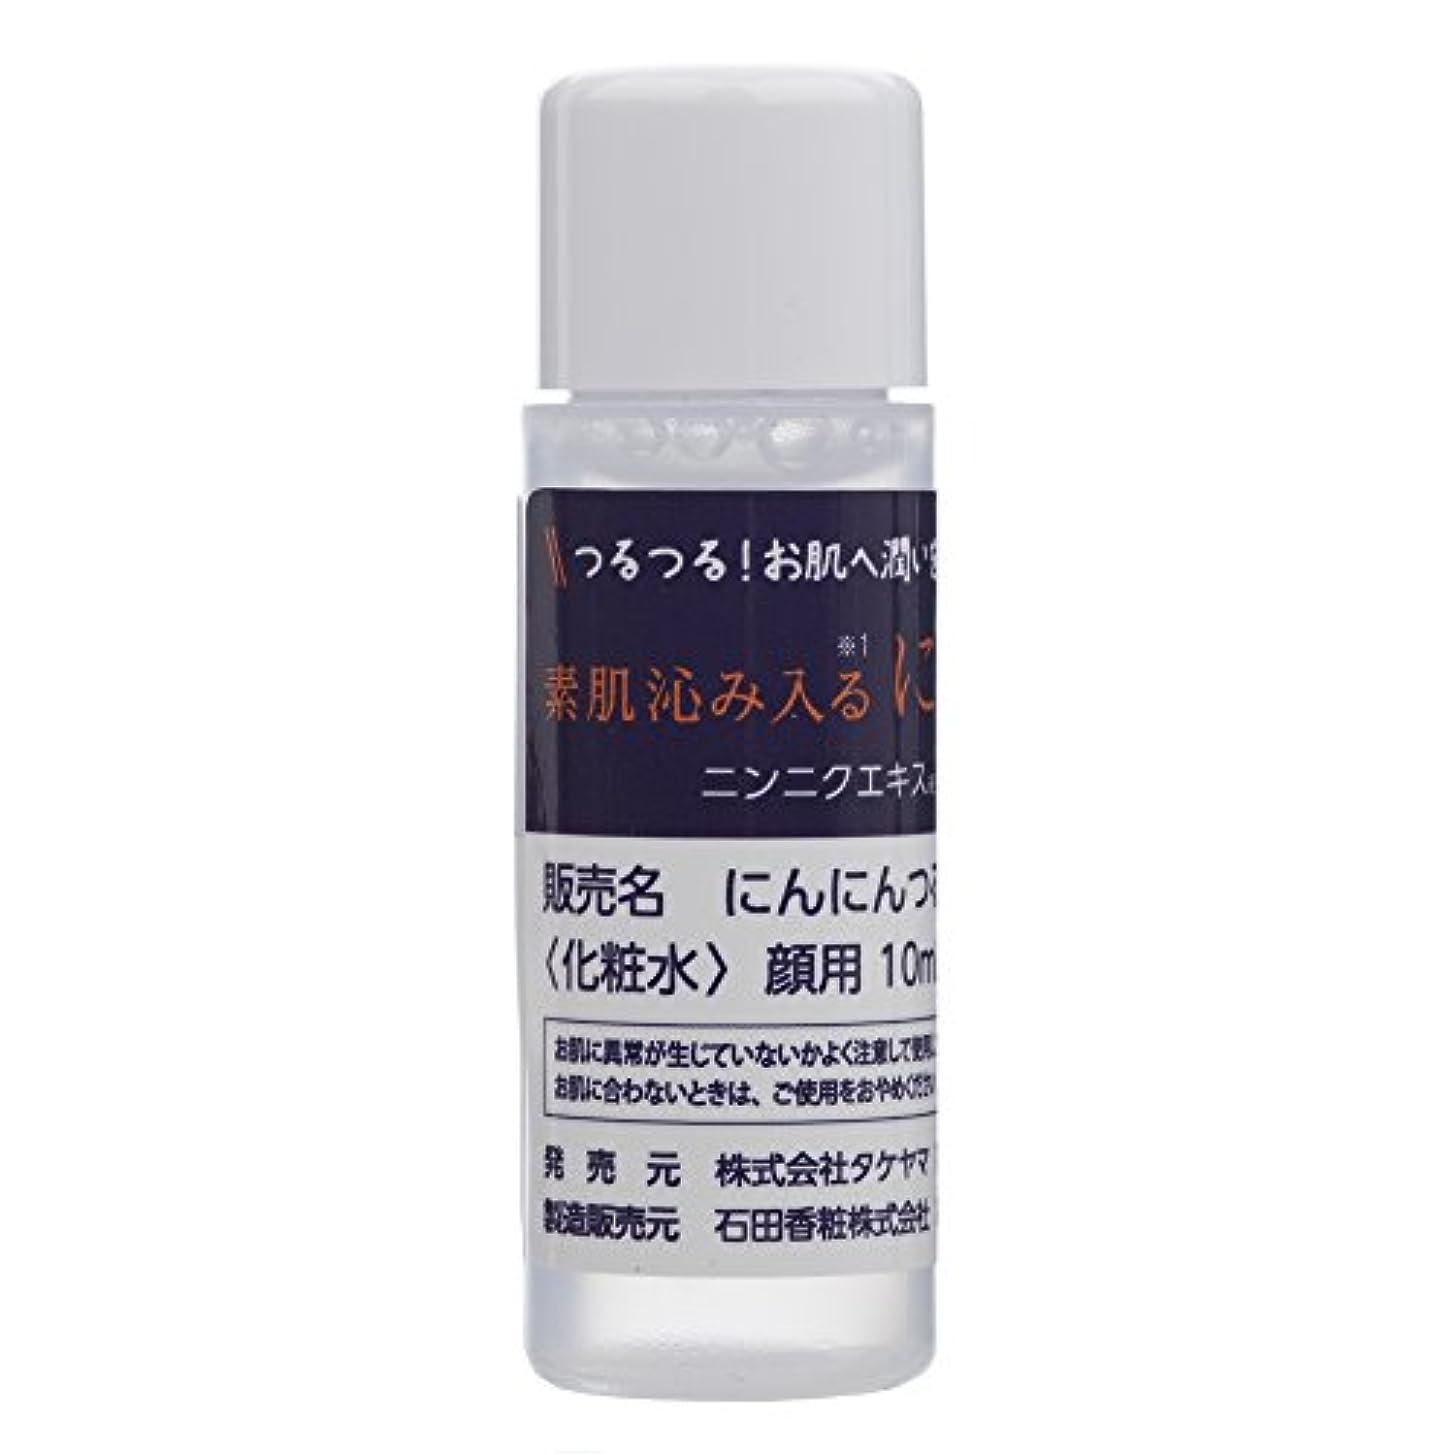 安らぎ部門ハウスにんにんつるり お肌の健康と潤いを保つ化粧水です。 10ml